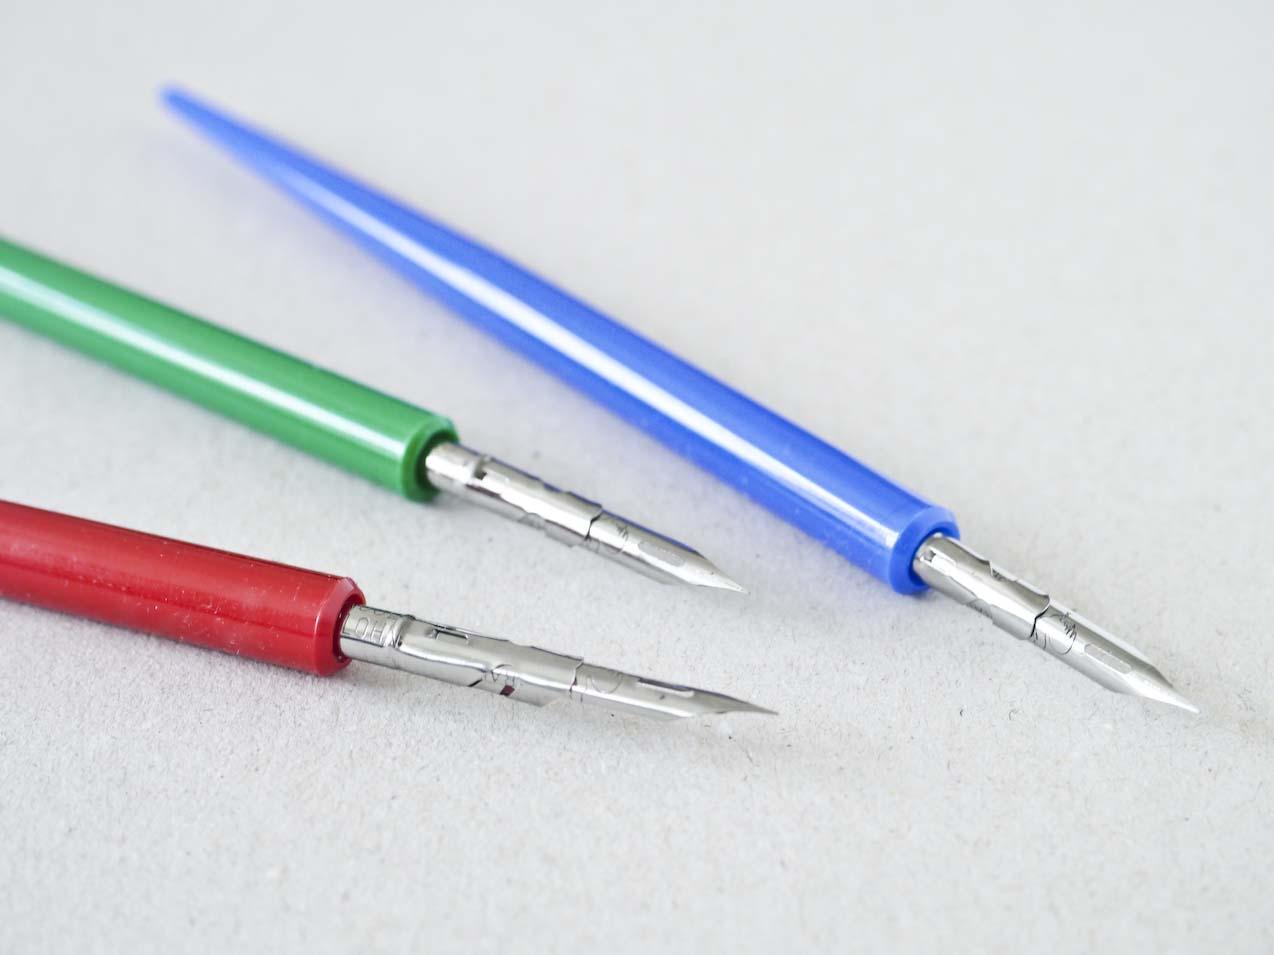 Tre dyppepenne med metalspidser og plastikskafter i rød, grøn og blå